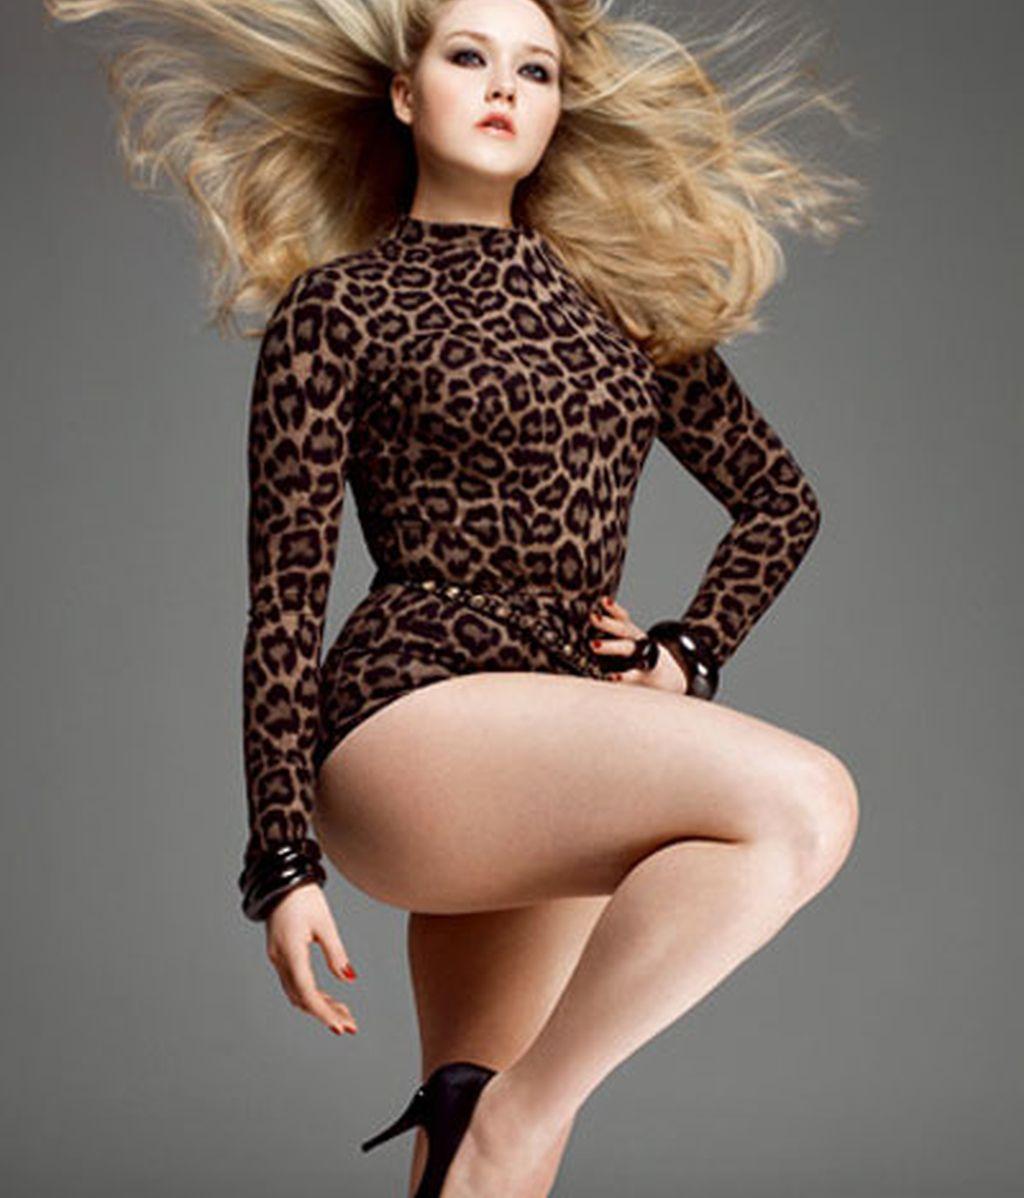 Las curvas vuelven a la moda